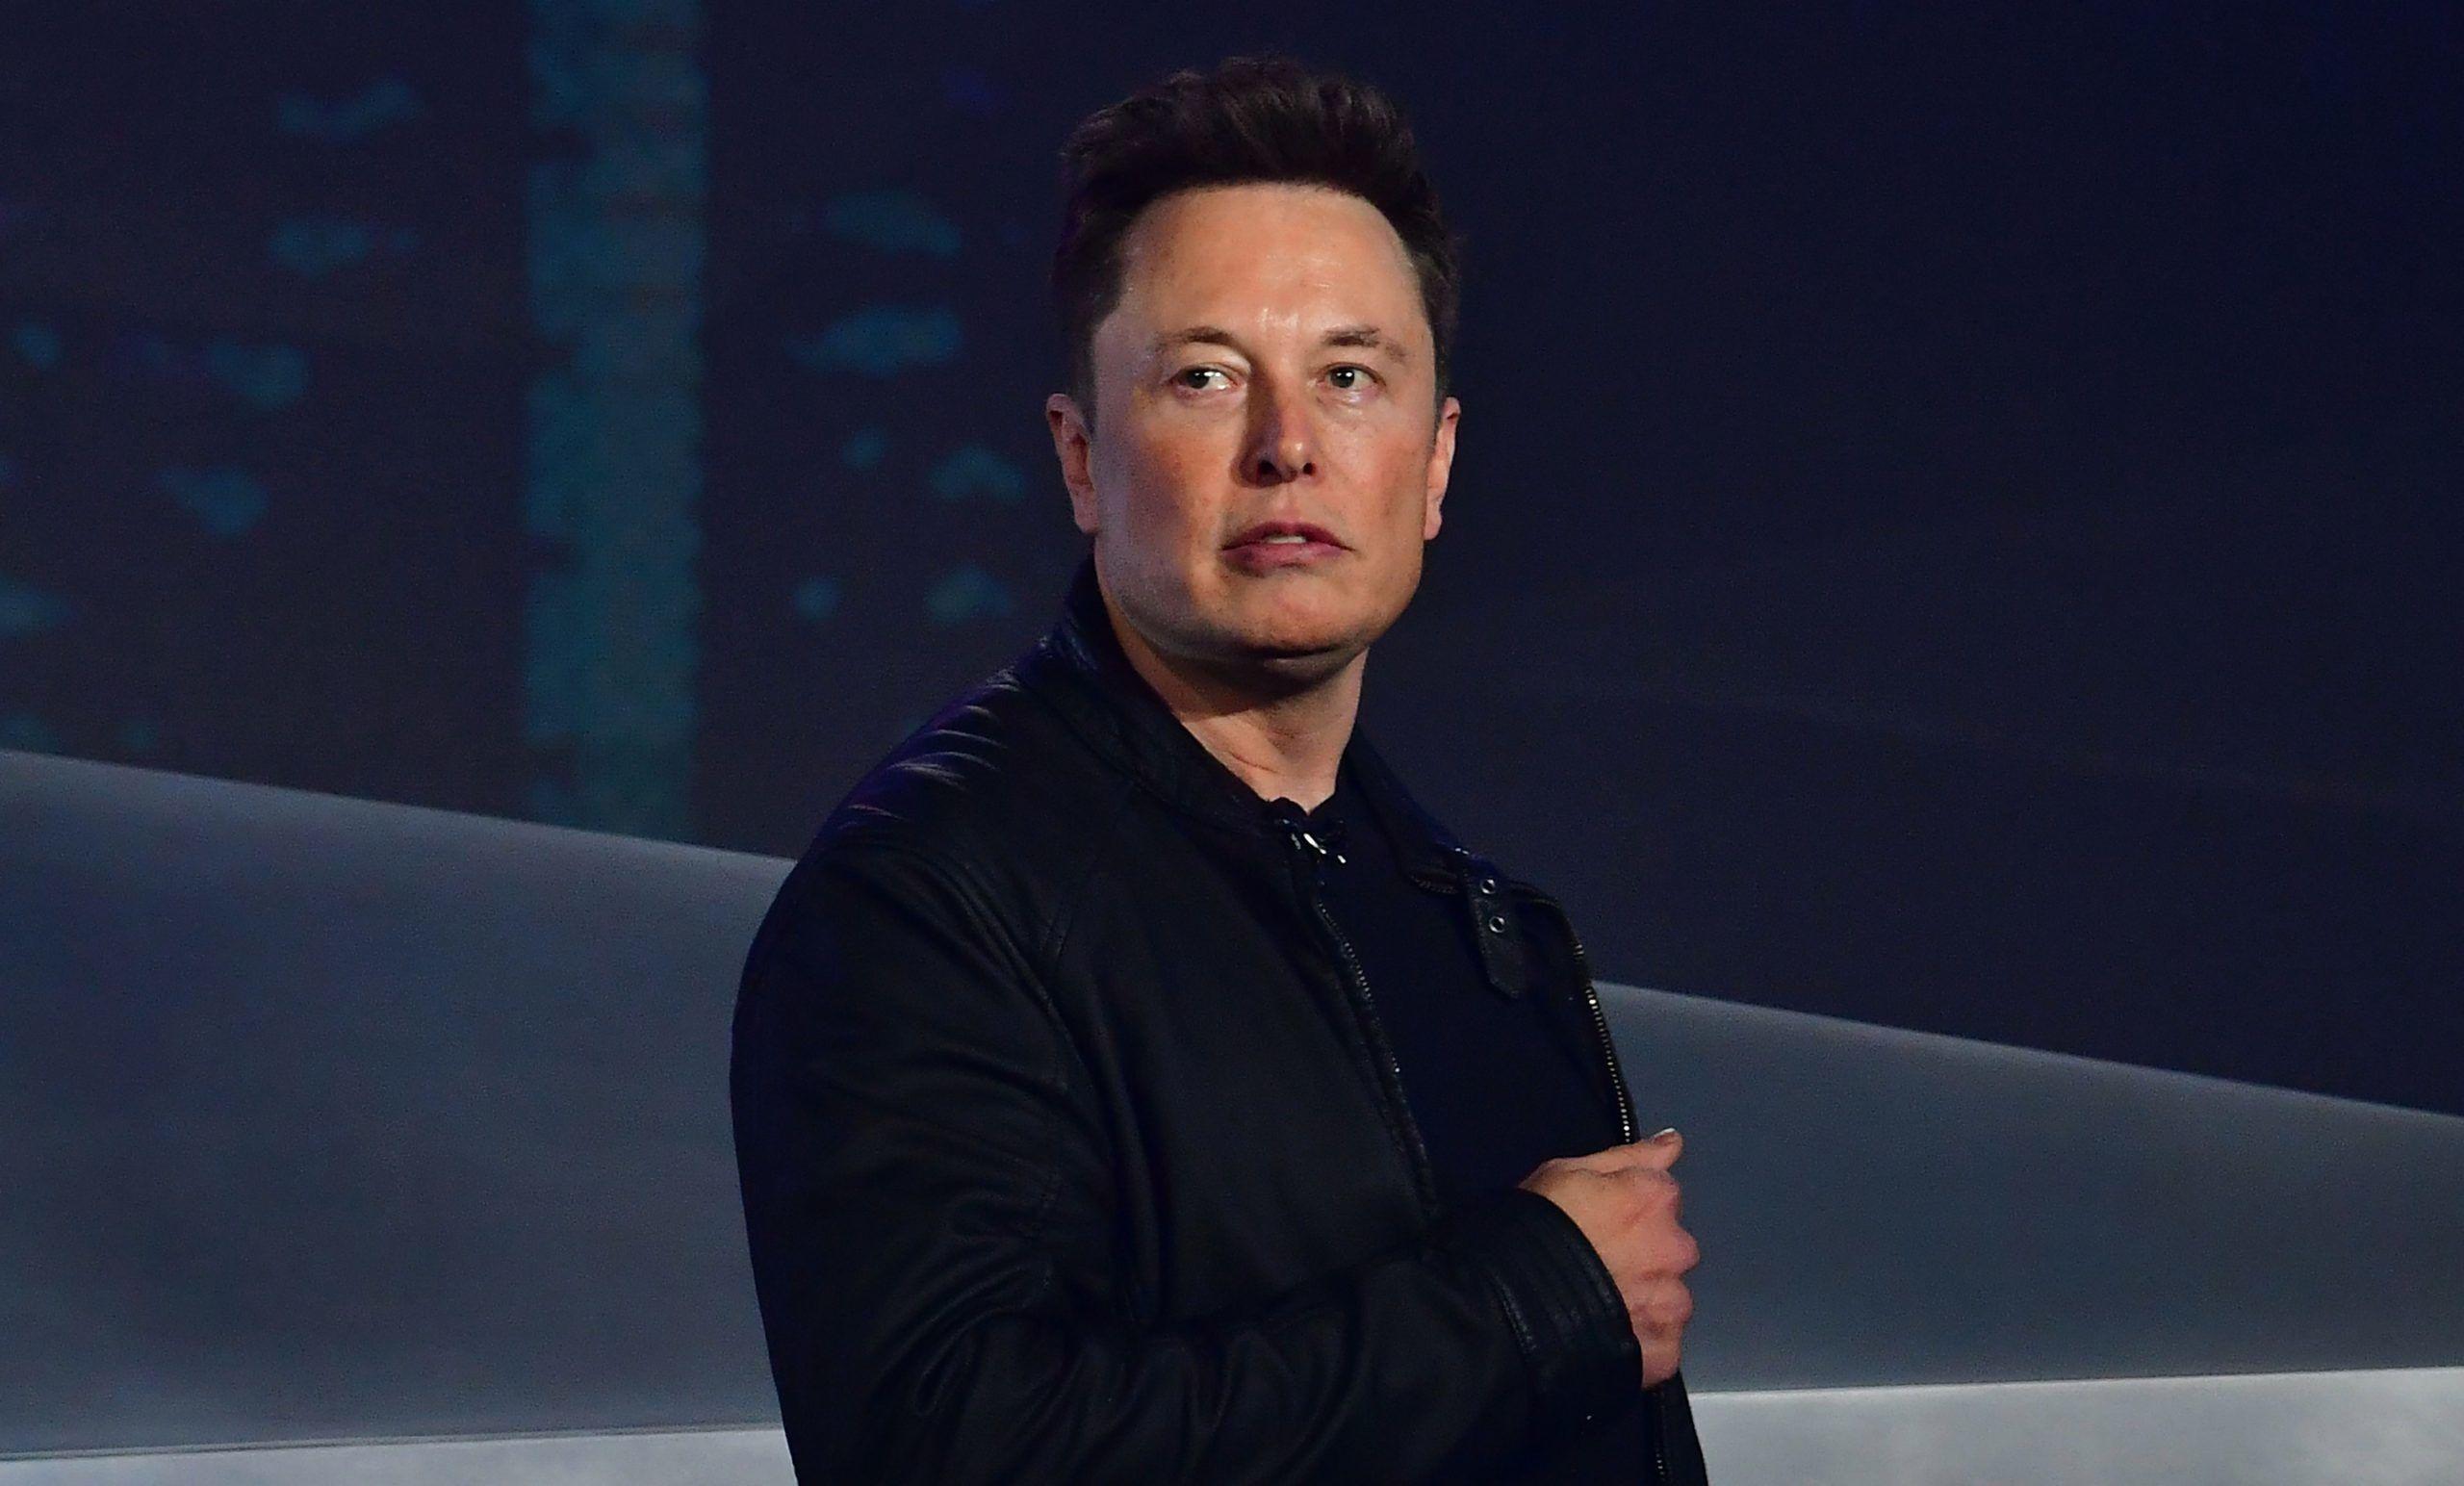 Elon Musk Koltuğunu Kaybetti: Moda Devi Ünlü Girişimciyi Geçti